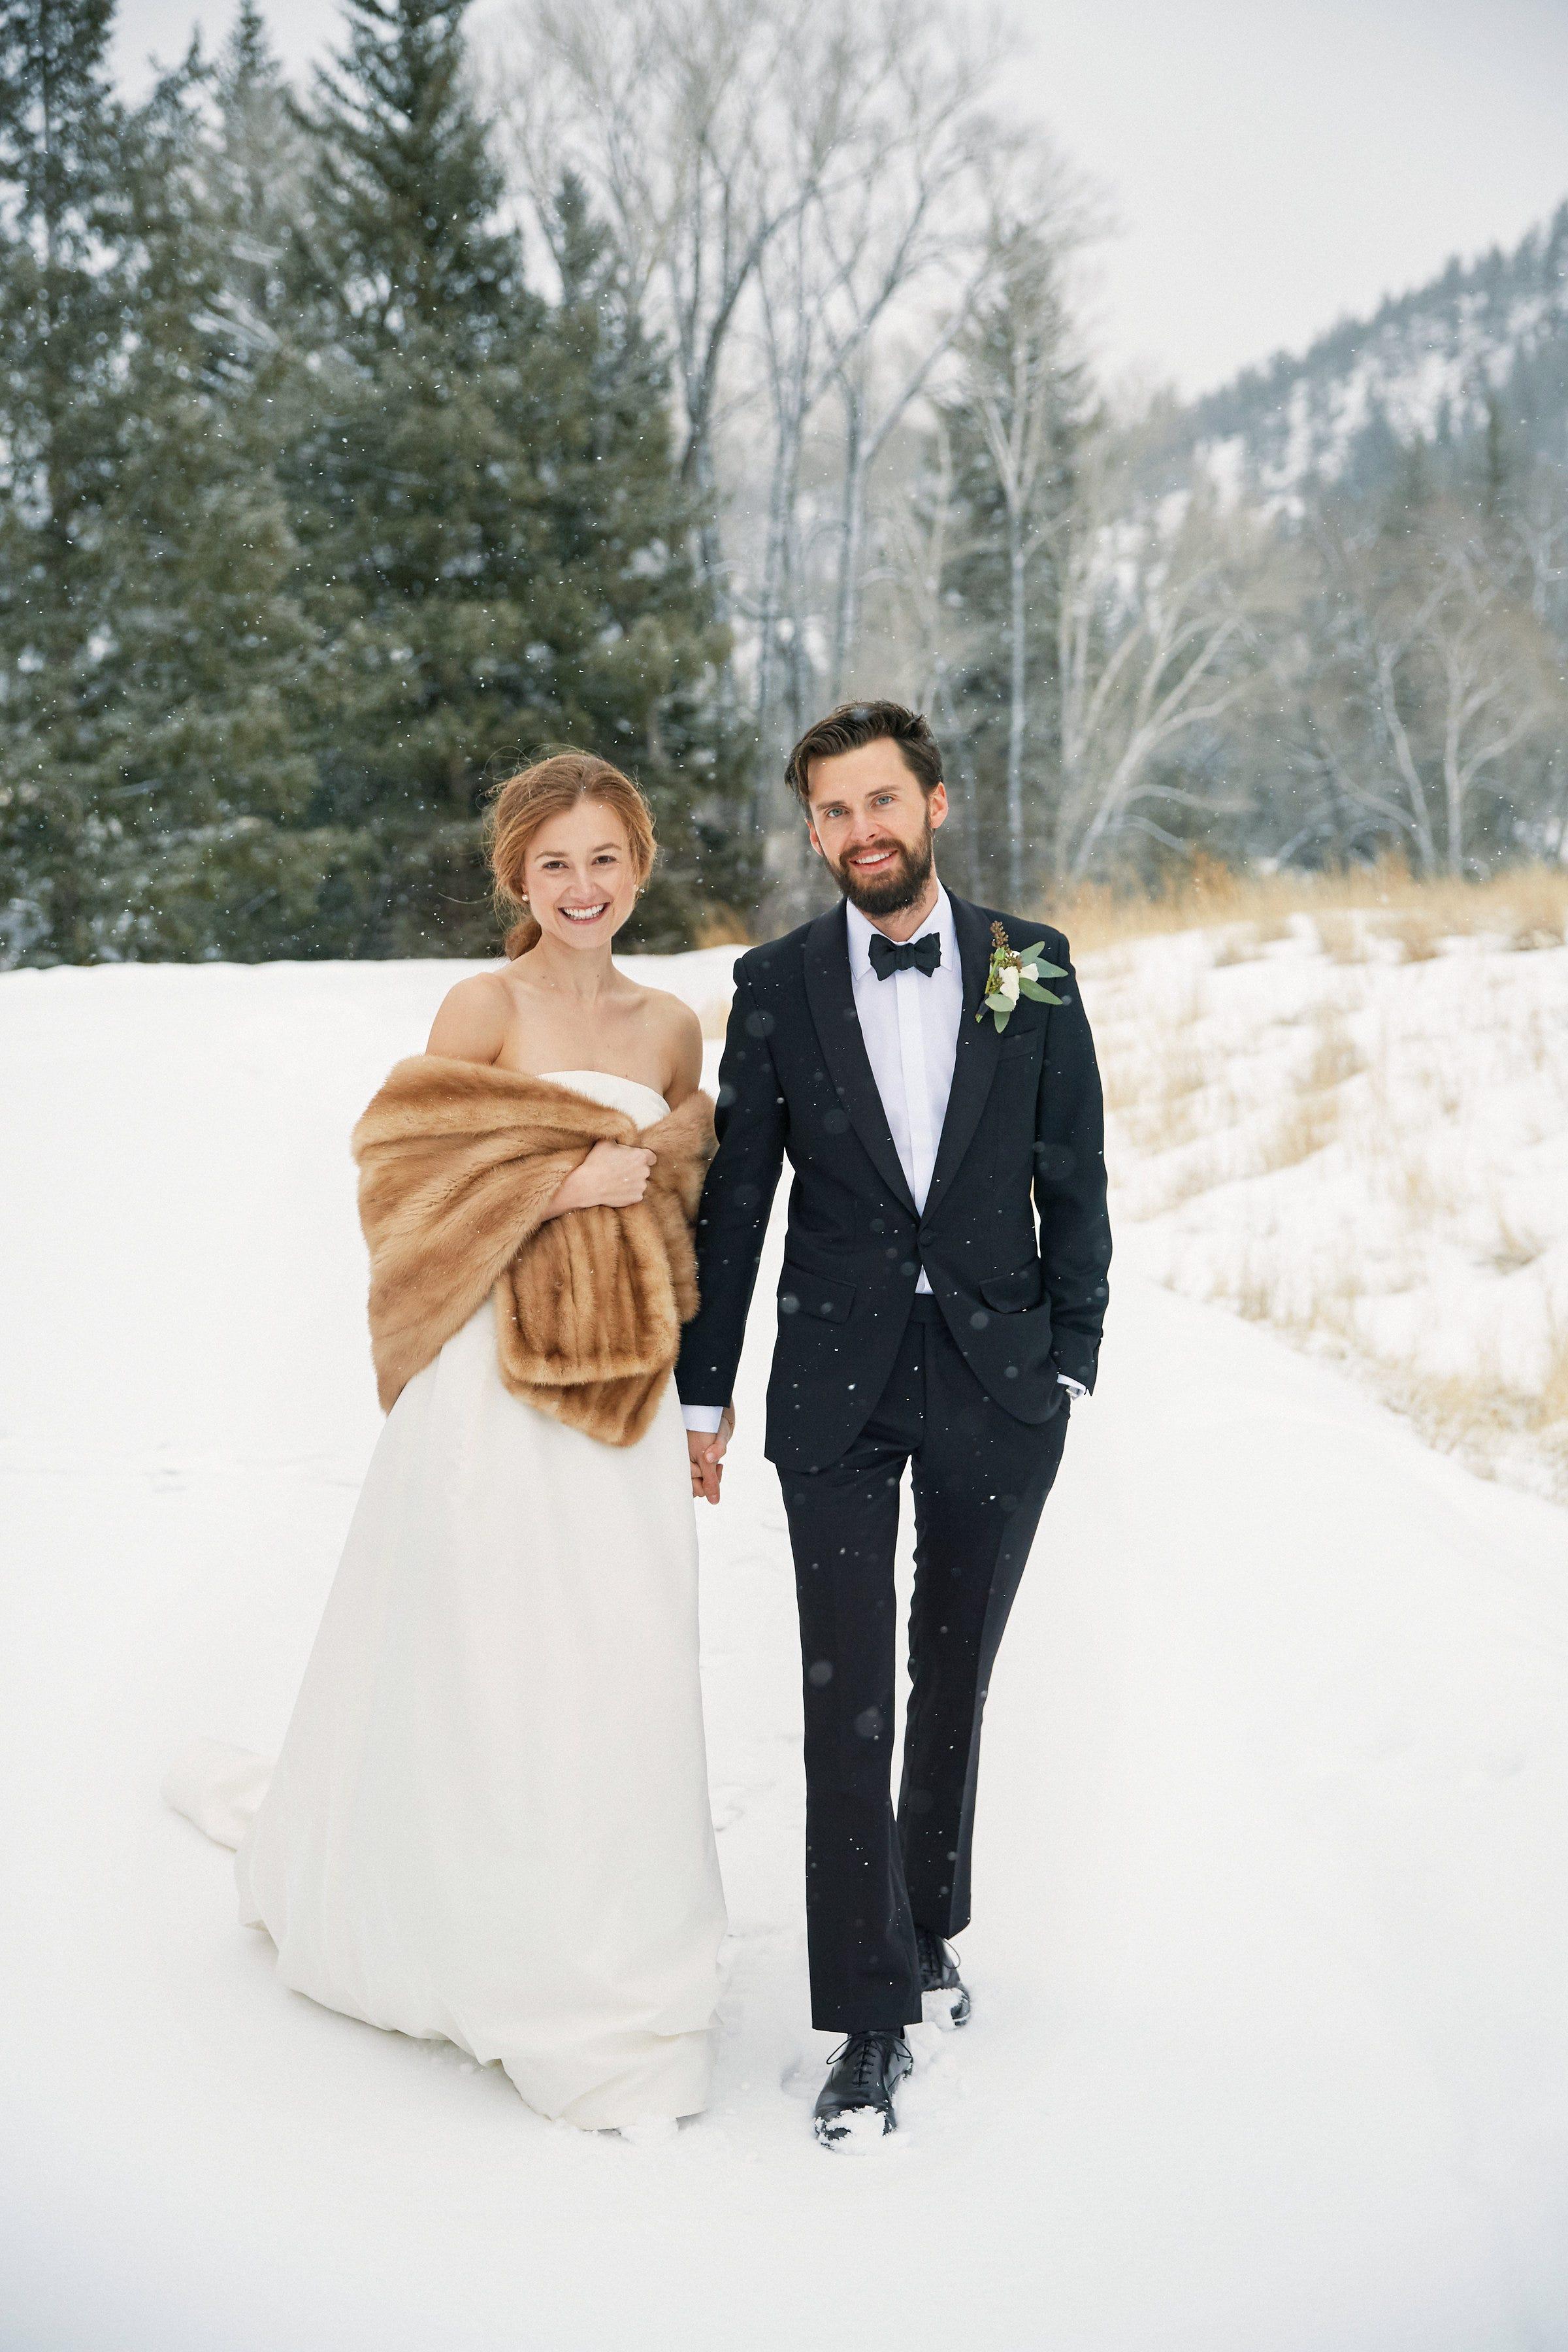 Dù ban đầu dự định tạo ra Hinge để tìm người yêu mới, cuối cùng Justin McLeod vẫn kết hôn với người bạn gái thời đại học. Ảnh: Courier-Journal.